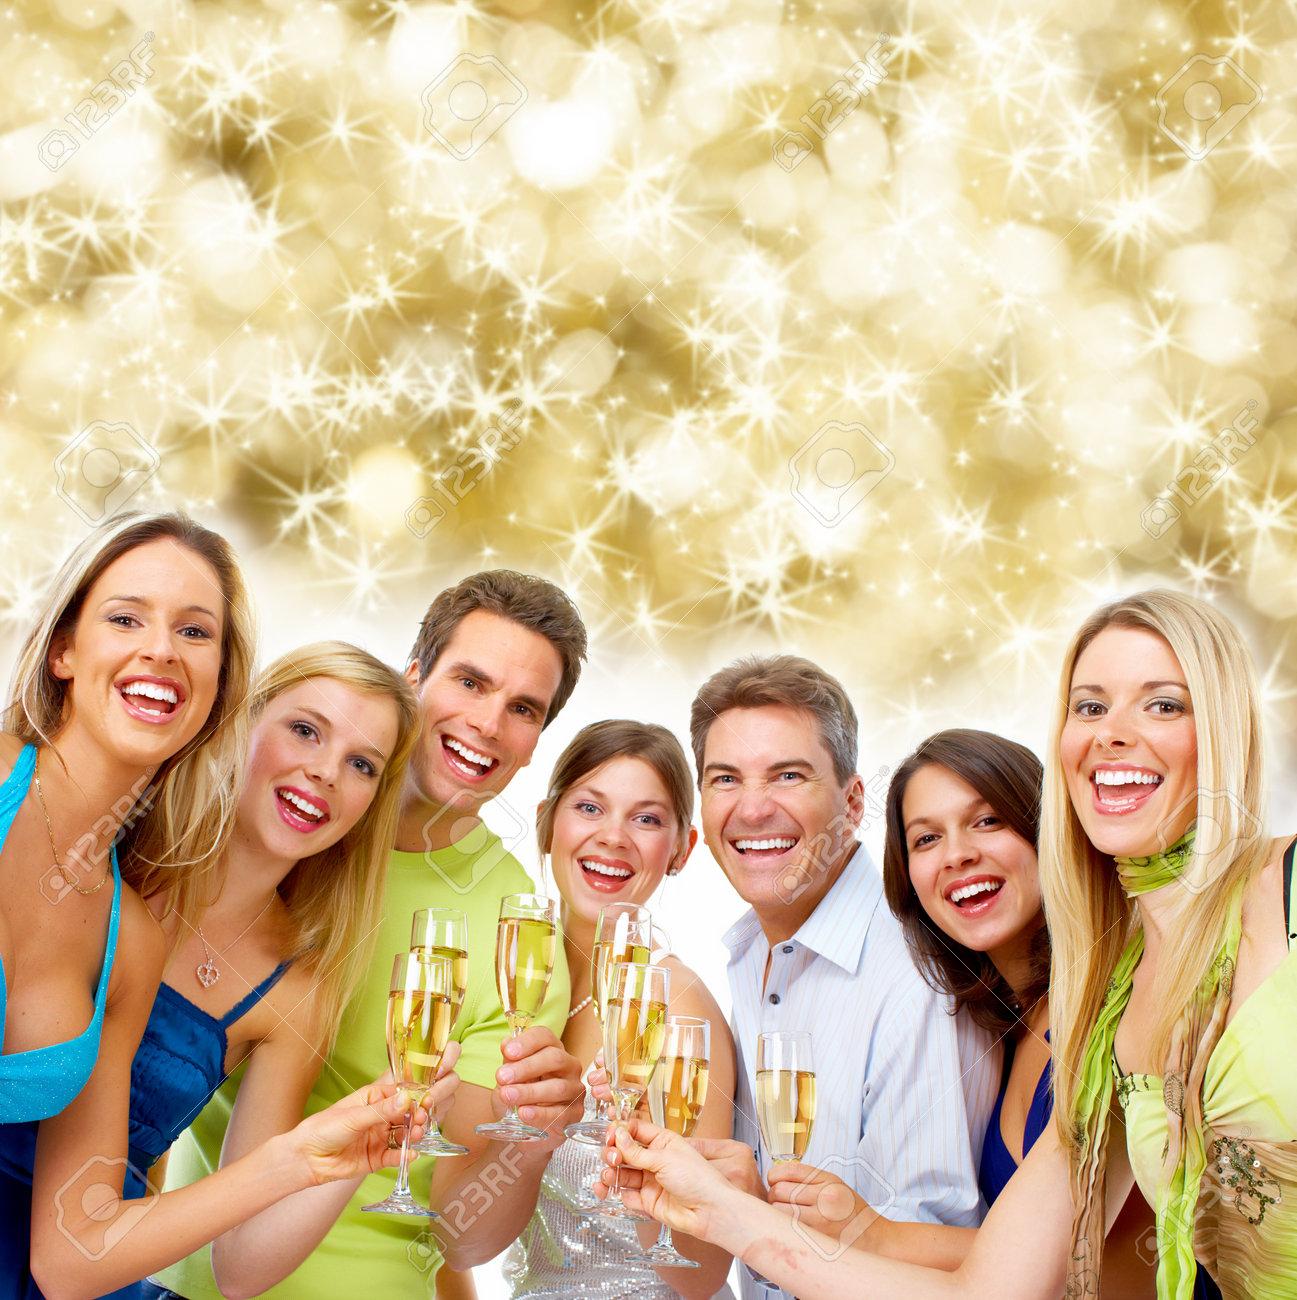 Gente Feliz En Navidad.La Gente Feliz Navidad Bebiendo Champan